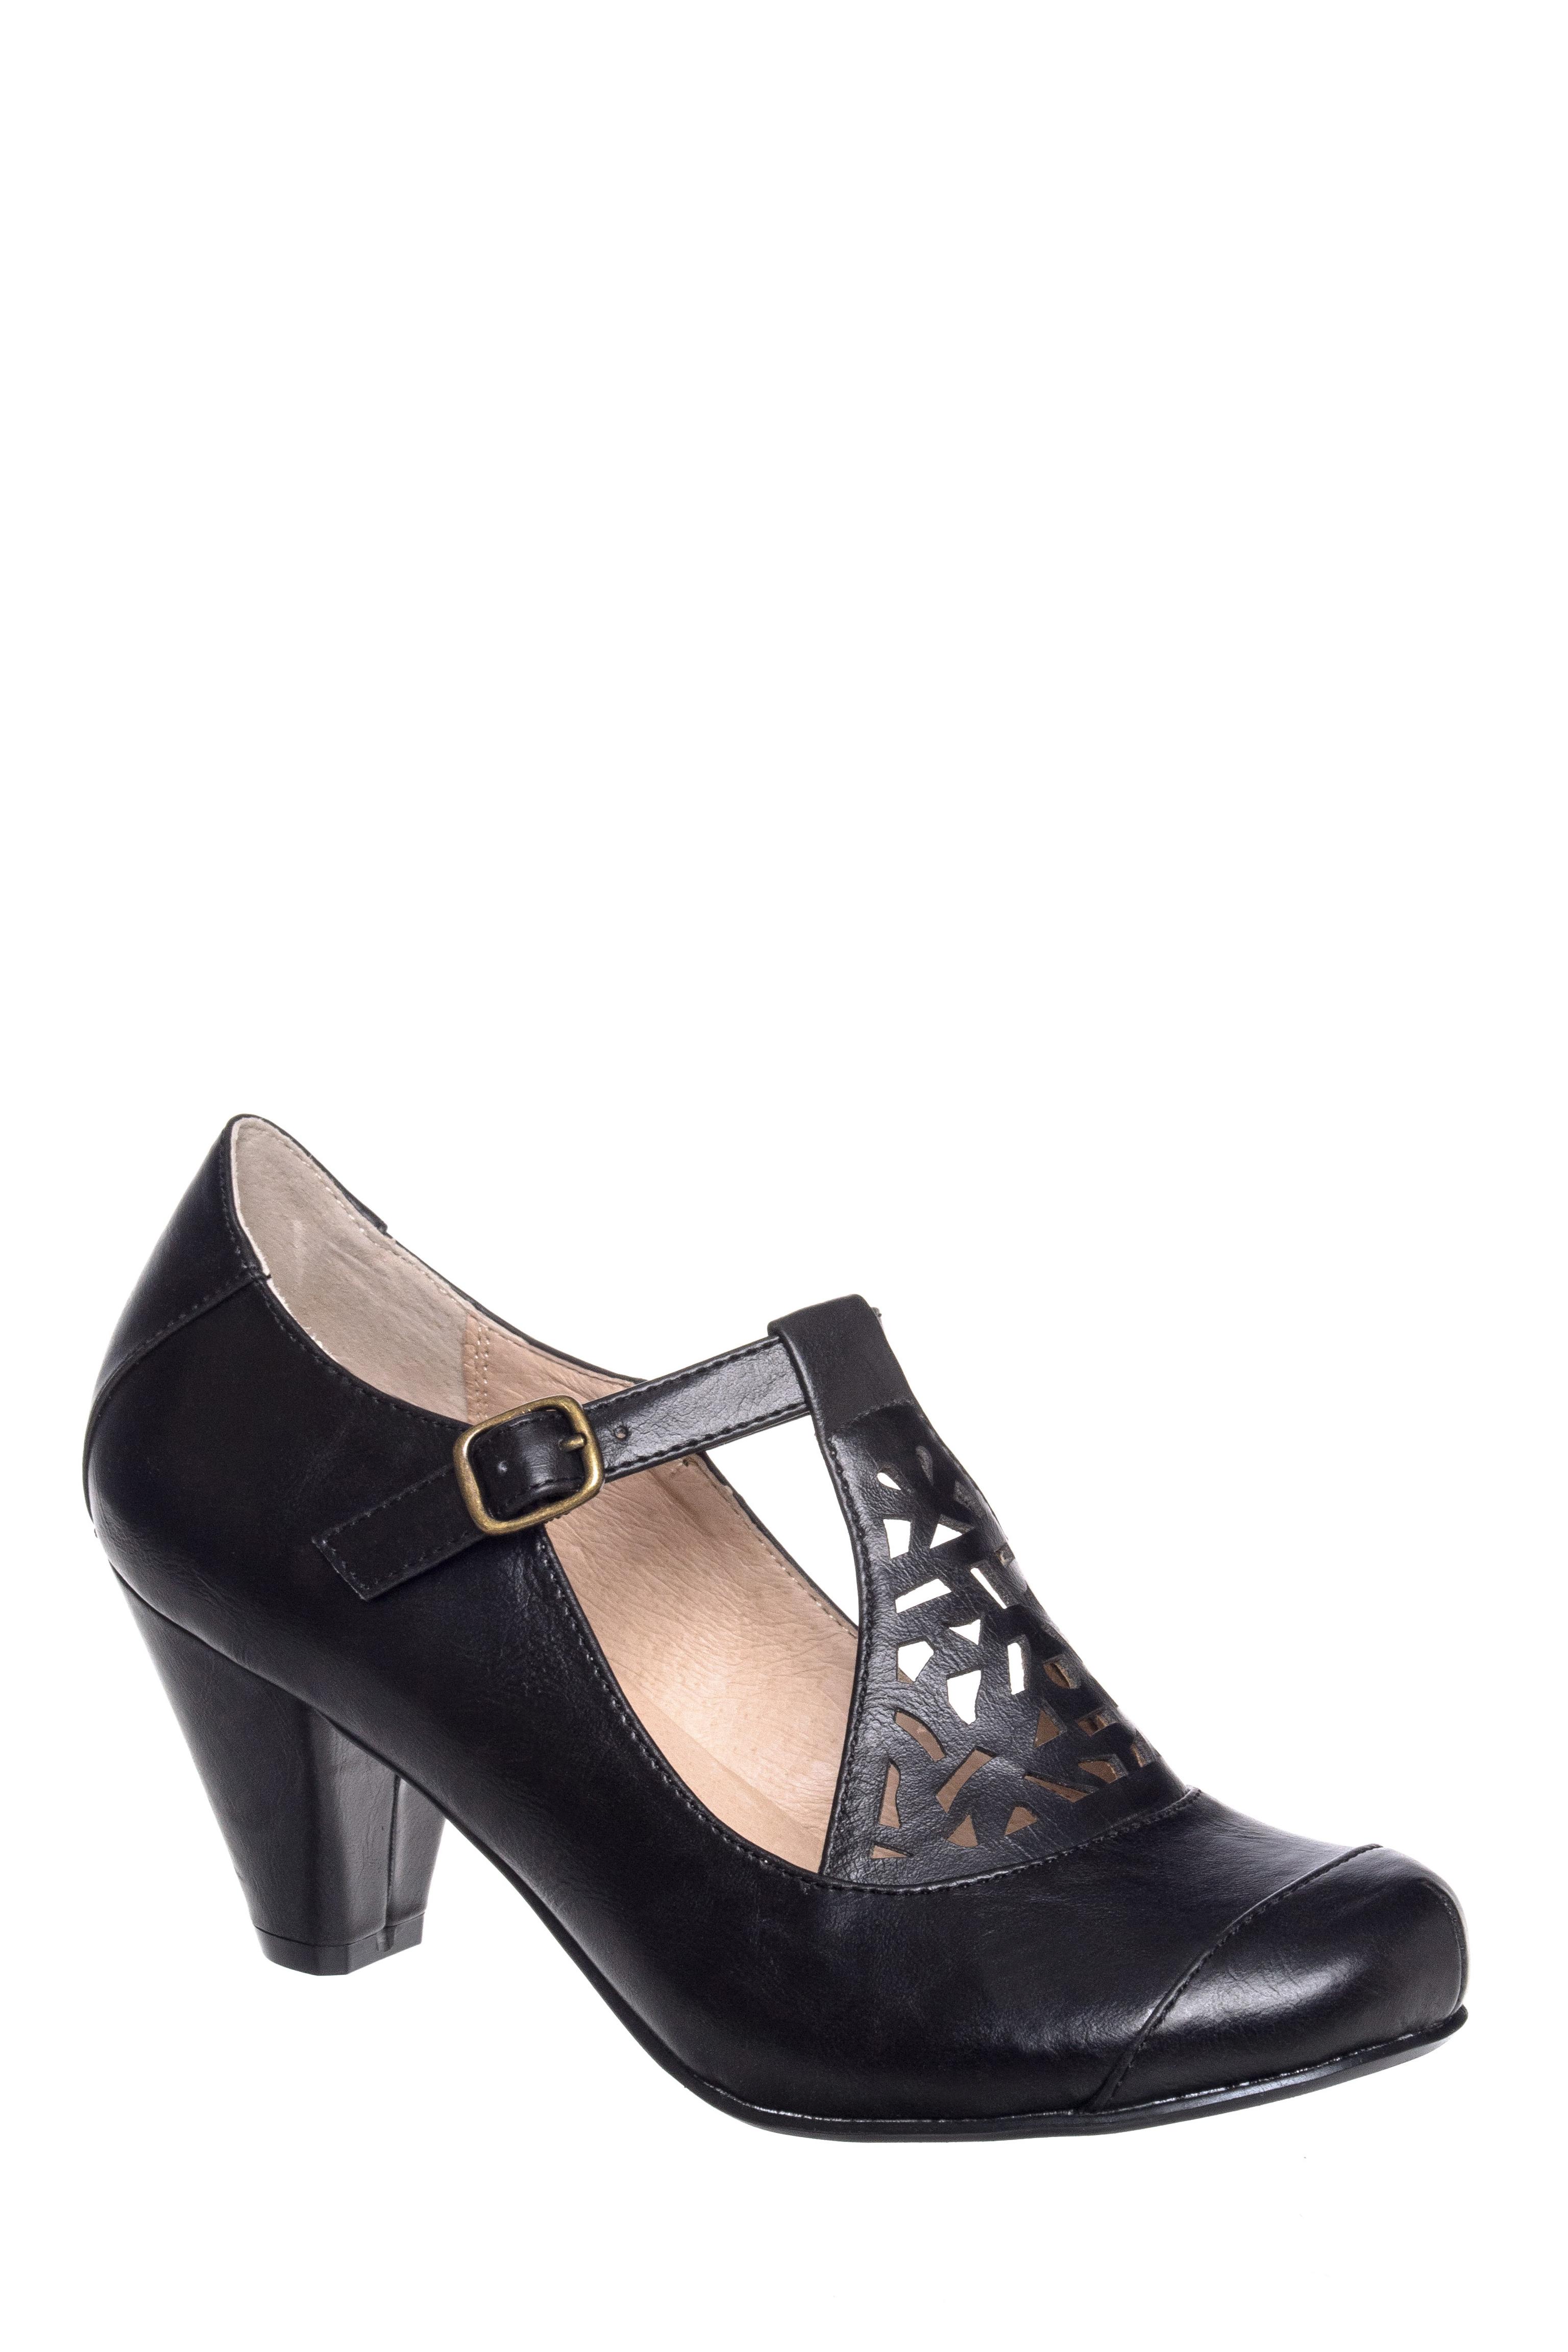 Mod Mary Jane Mid Heel Pump $64.99 AT vintagedancer.com